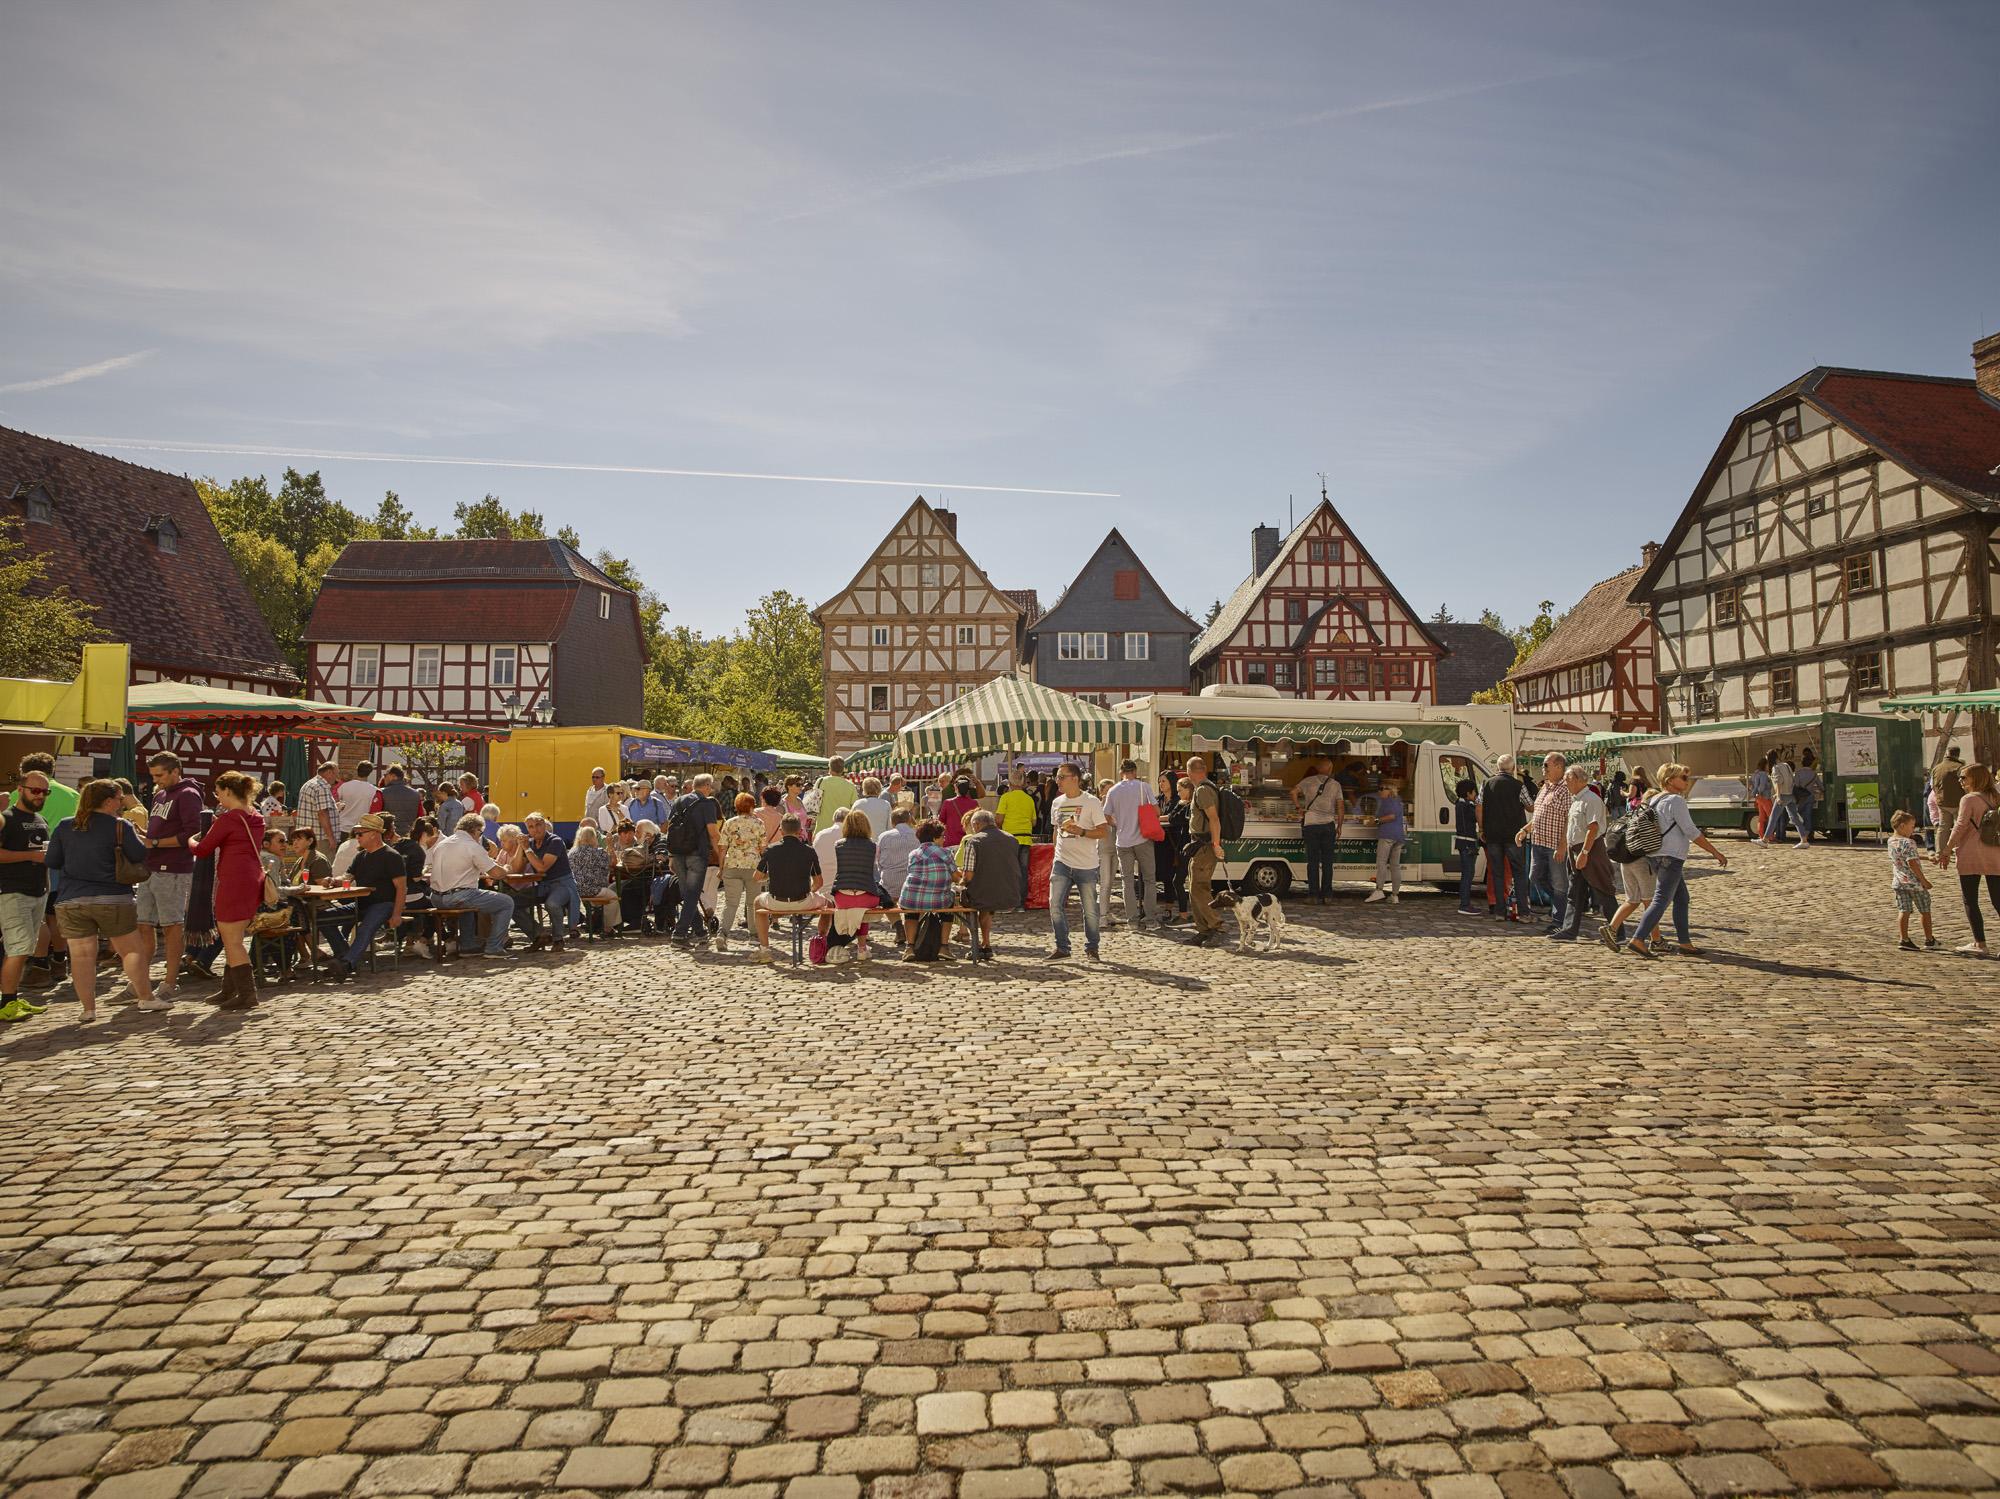 Bauernmarkt auf dem Marktplatz des Freilichtmuseums